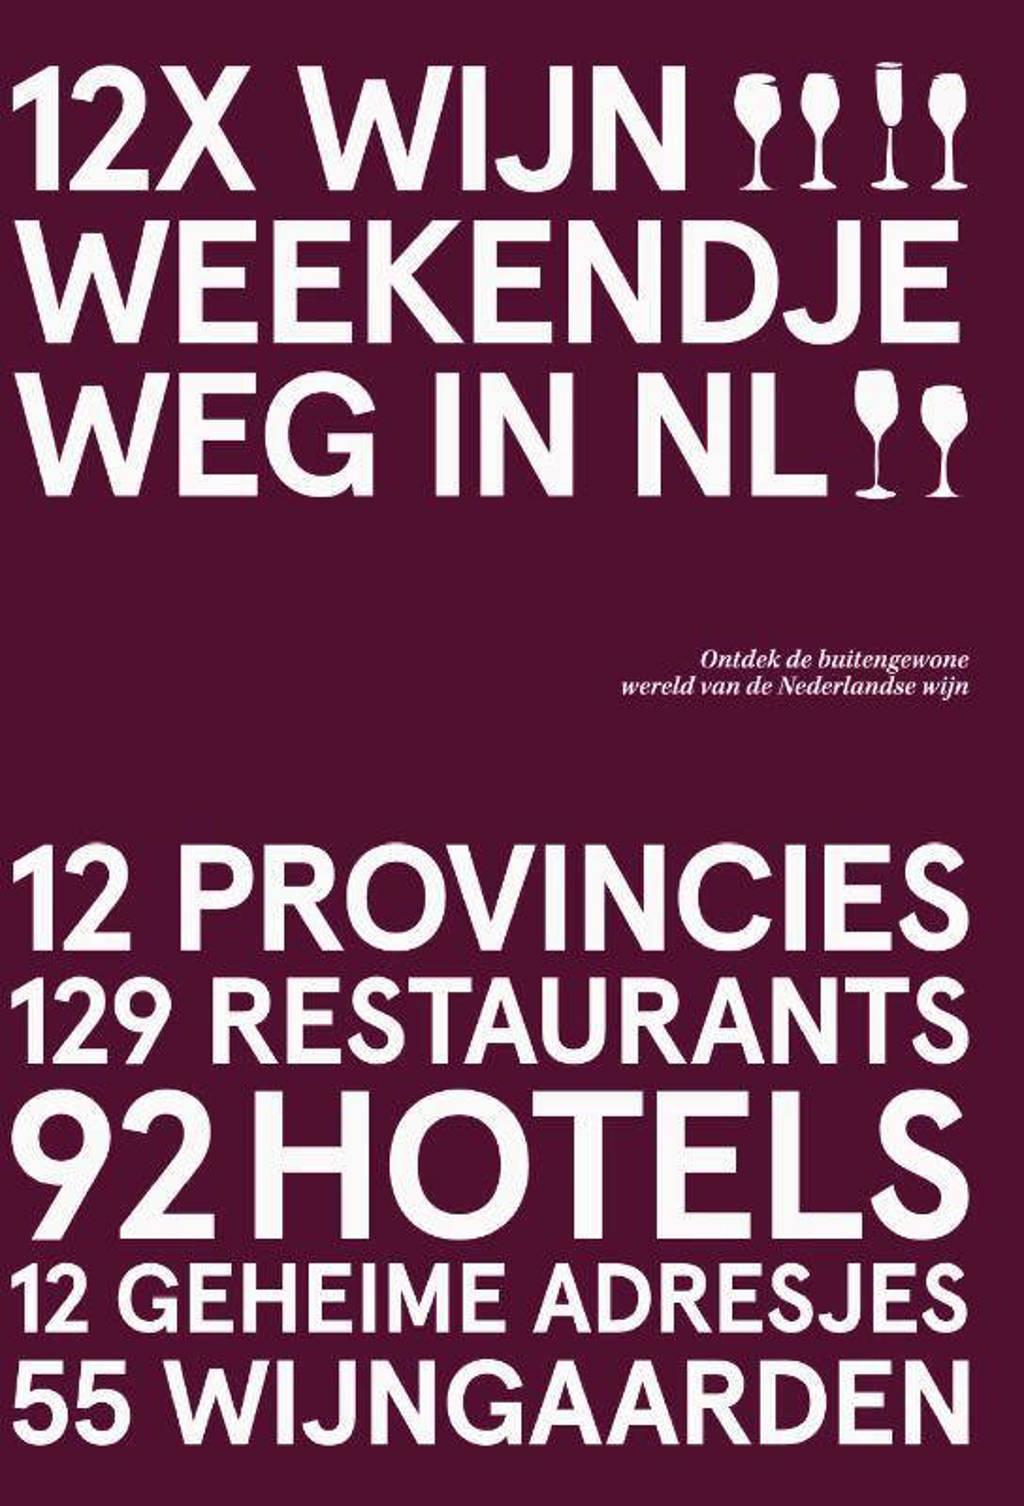 12x Wijn Weekendje Weg in NL - Peetra van der Knaap